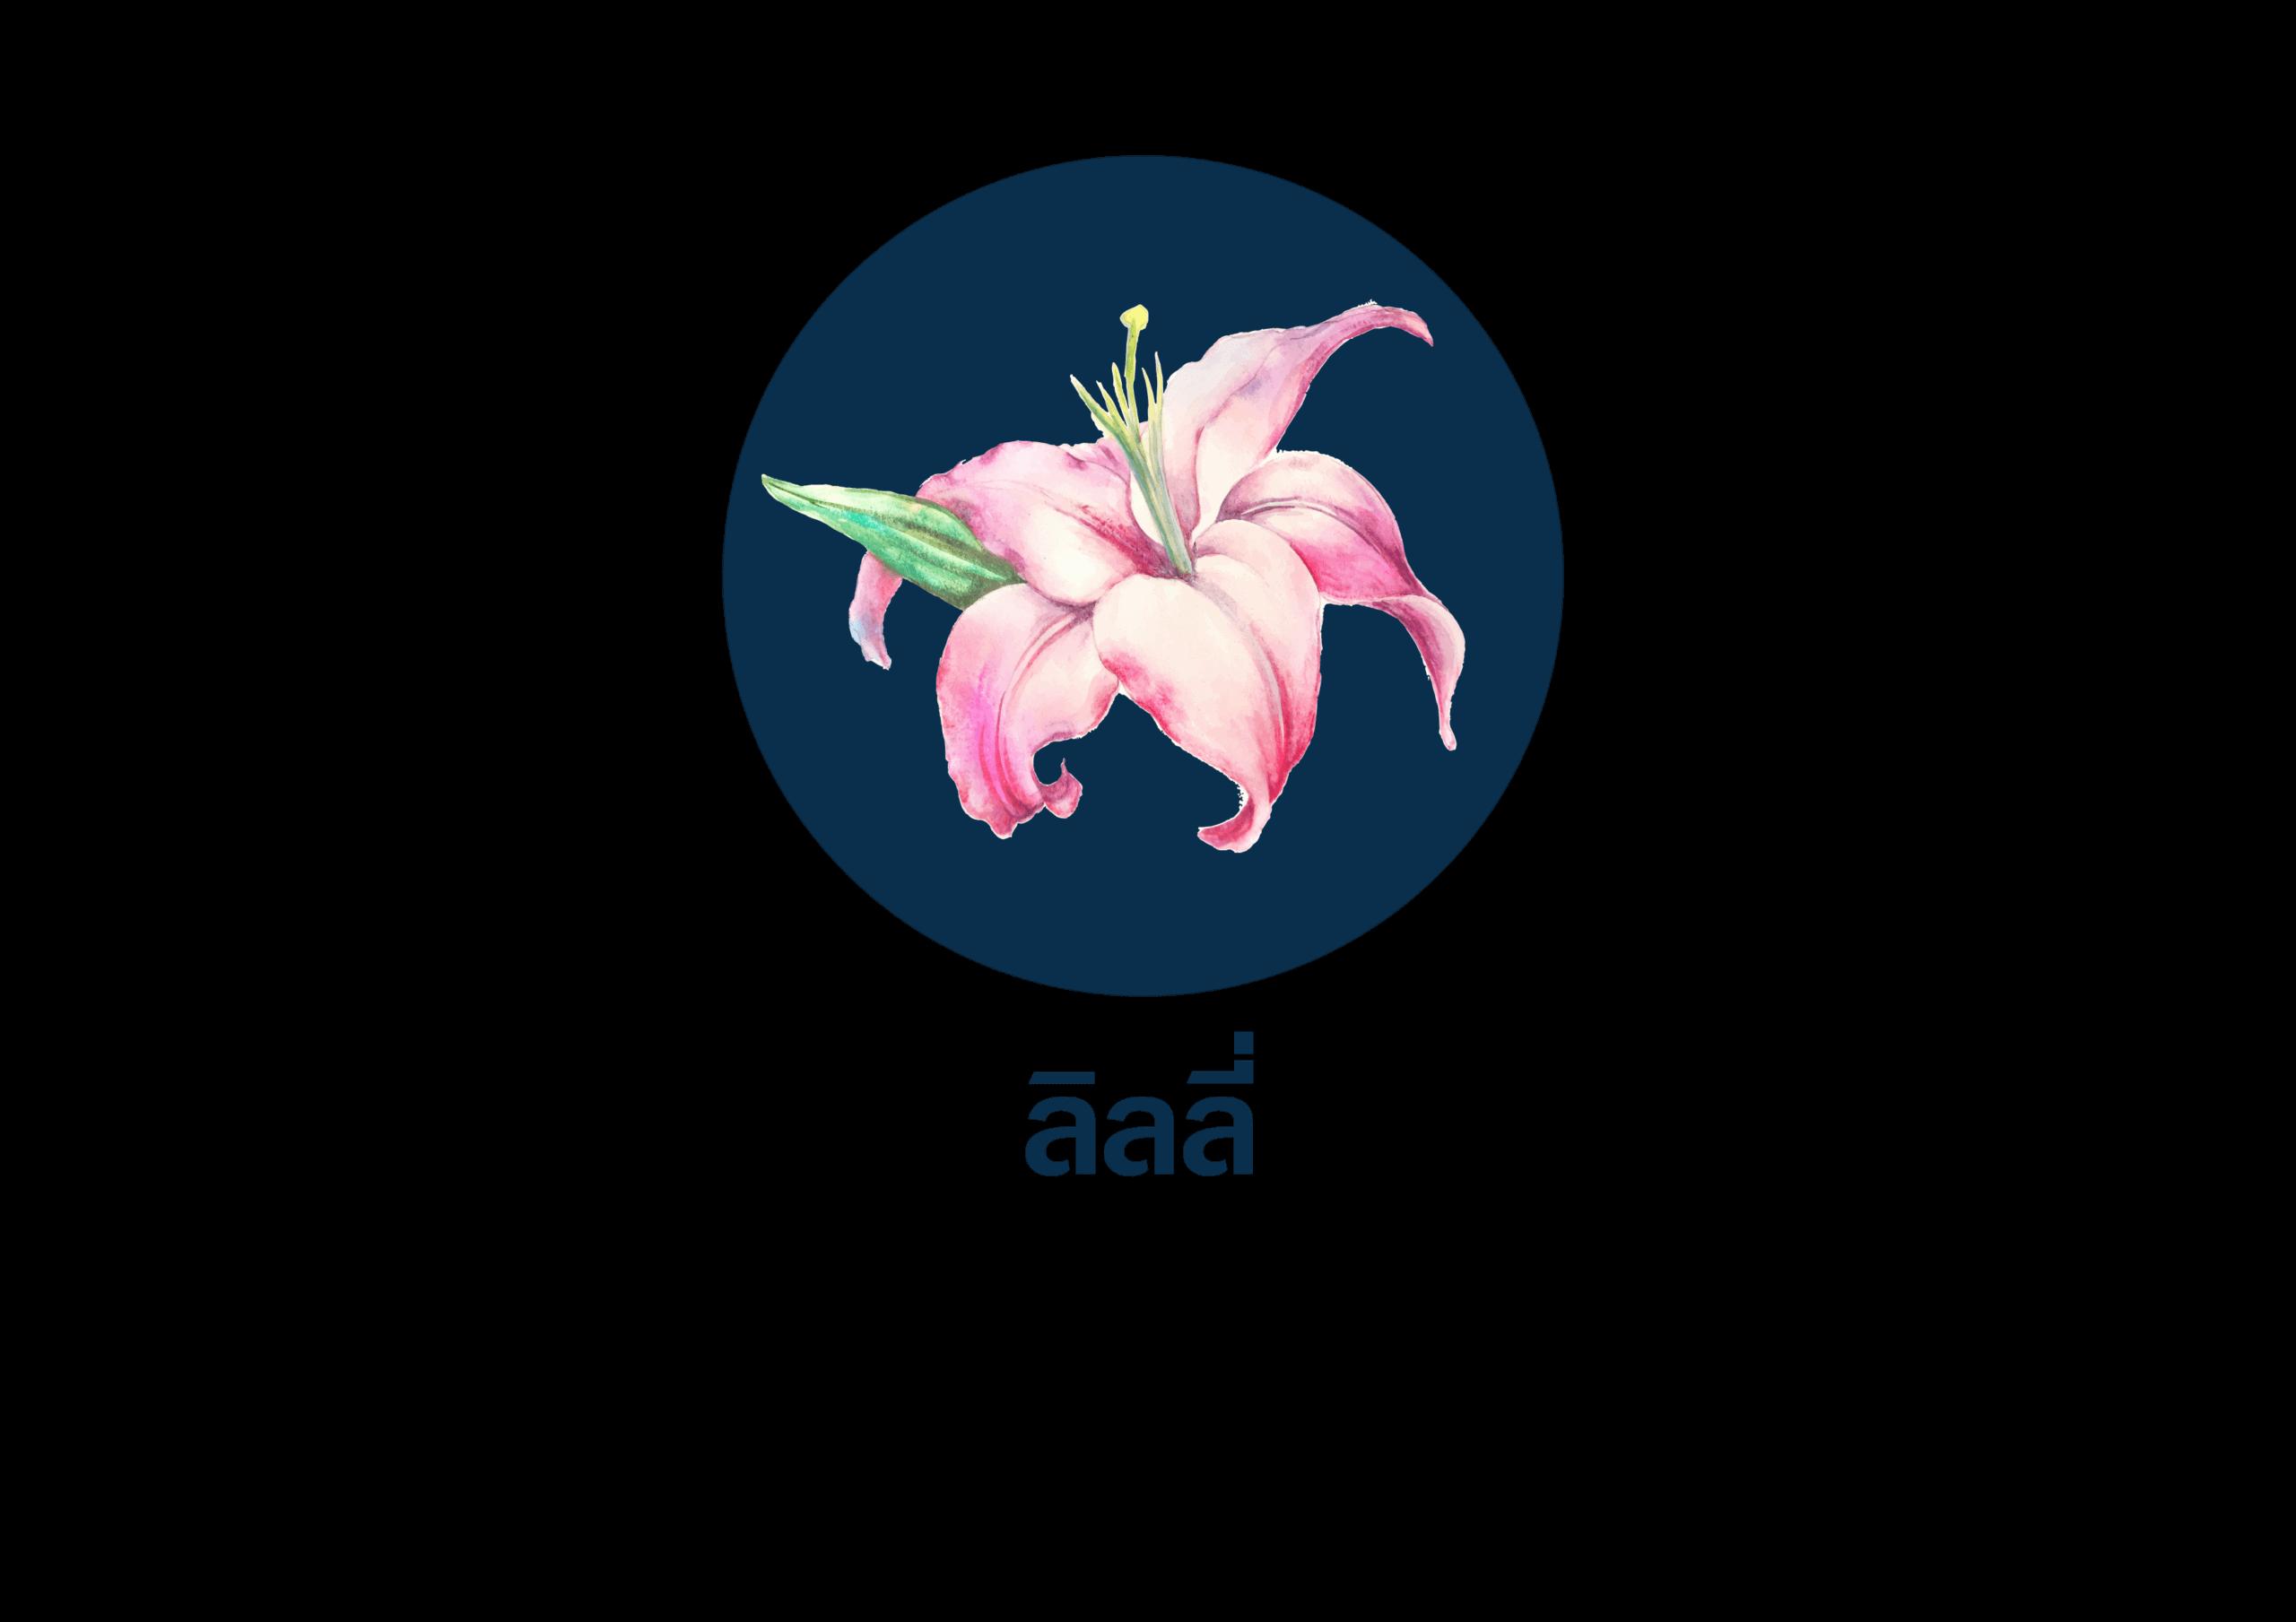 ดอกไม้ที่ใช้สำหรับจัดงานศพ 9